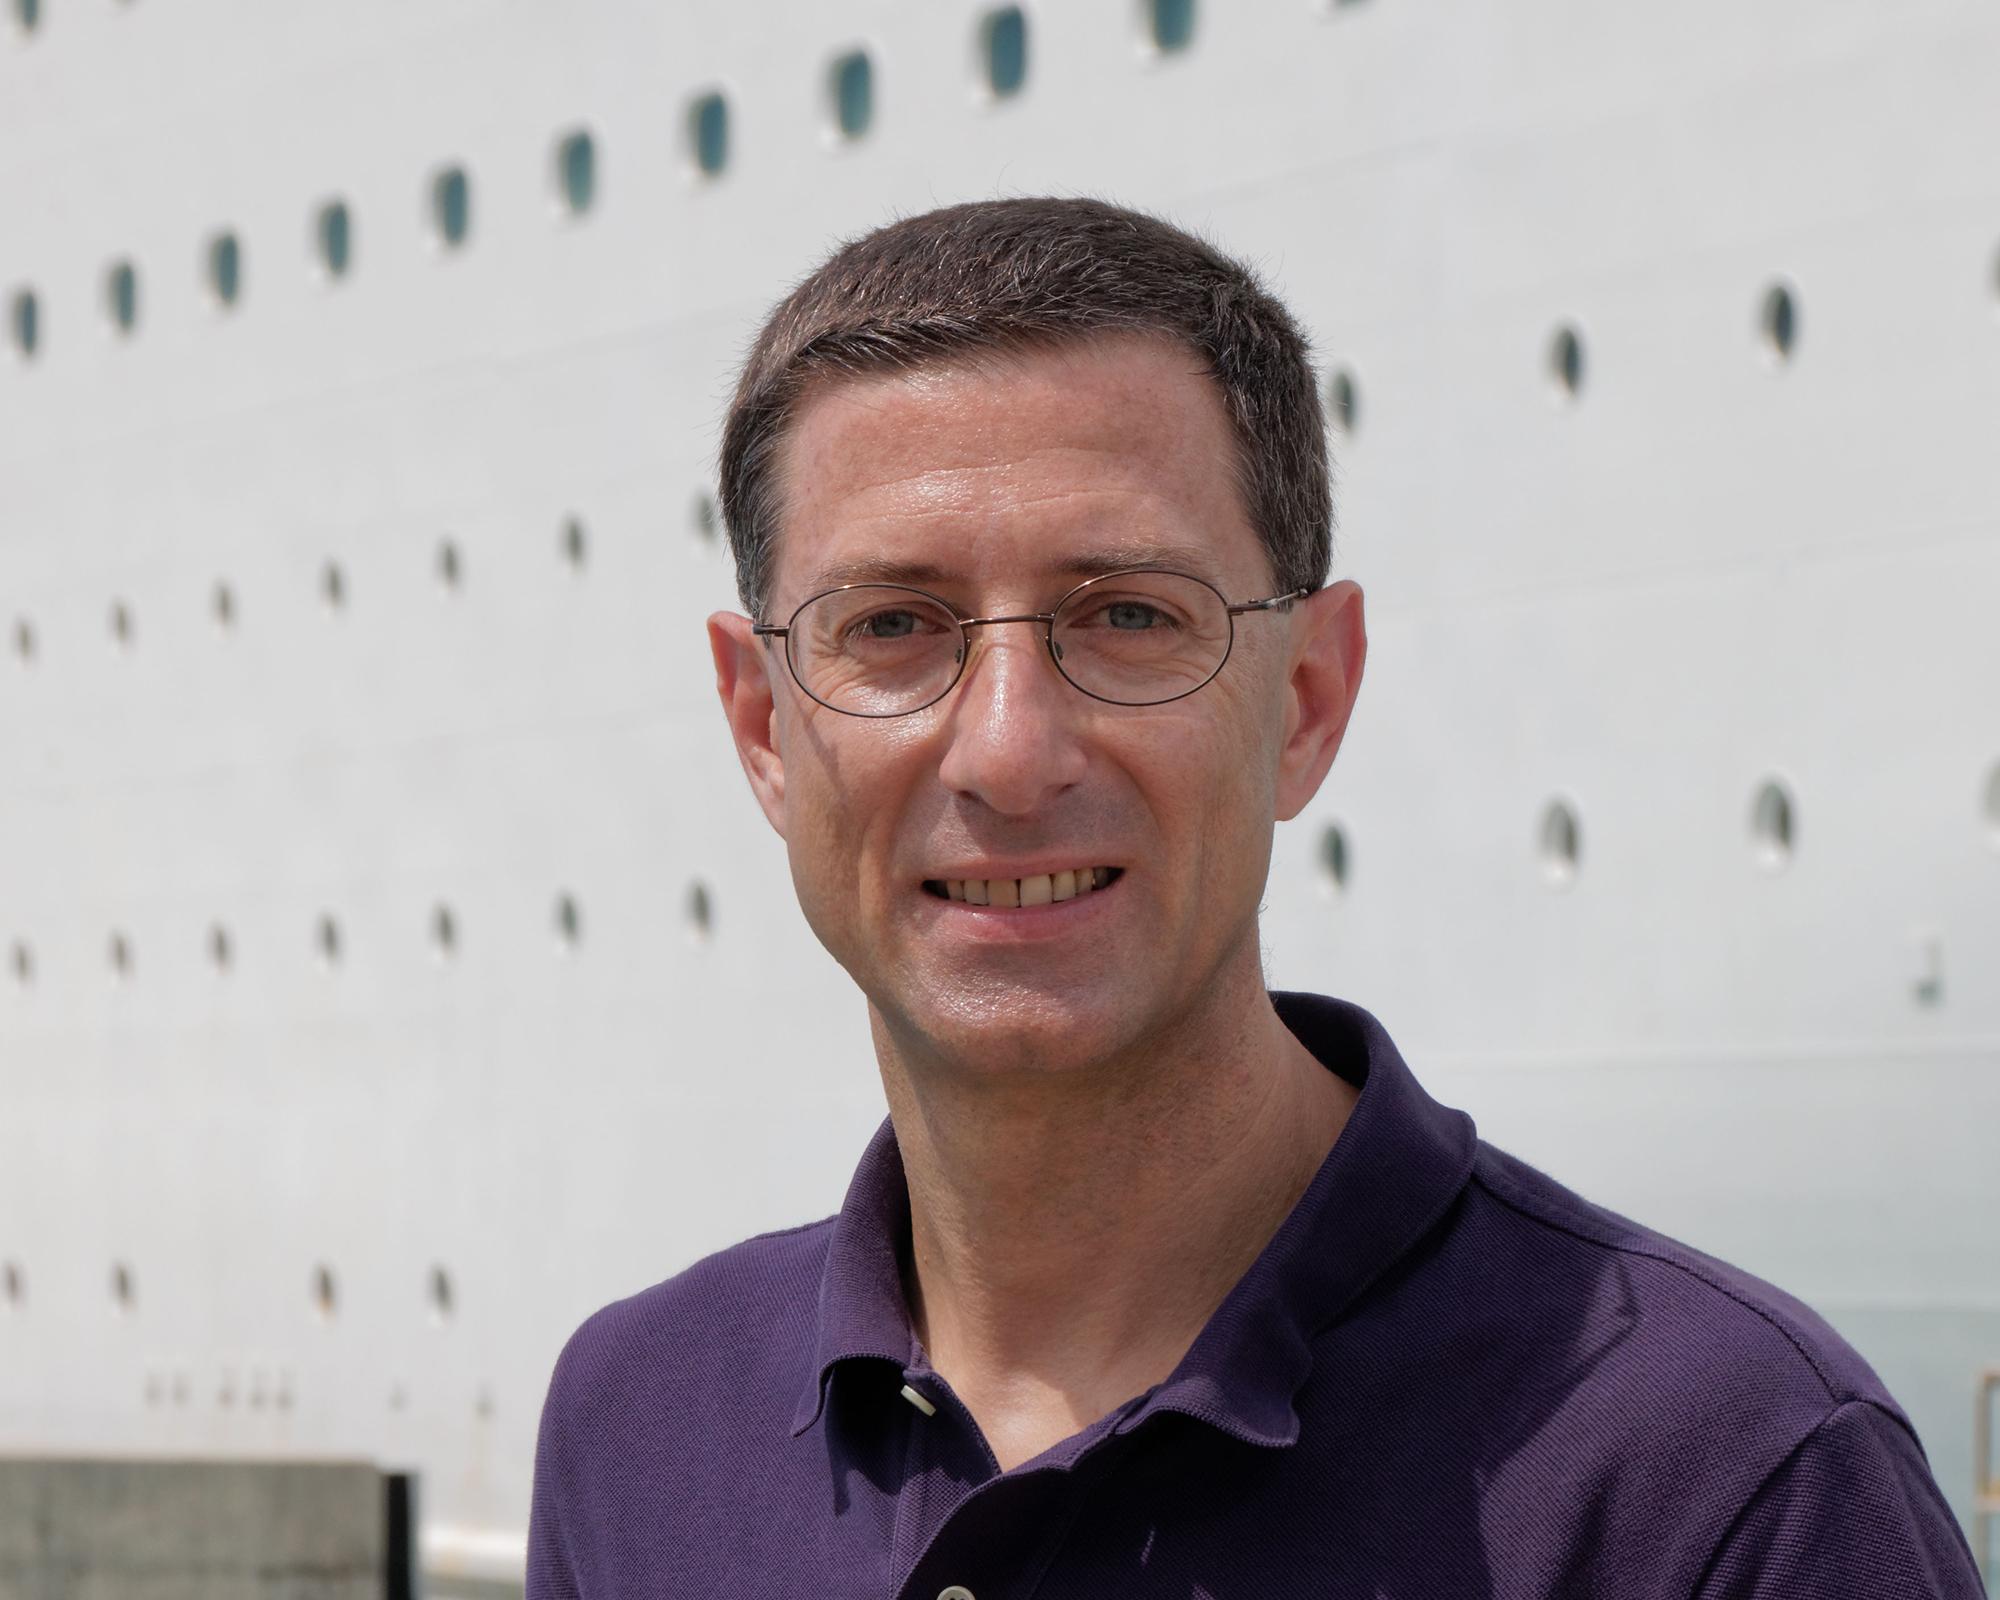 Franz Neumeier gehört zu den erfolgreichsten Kreuzfahrt-Bloggern